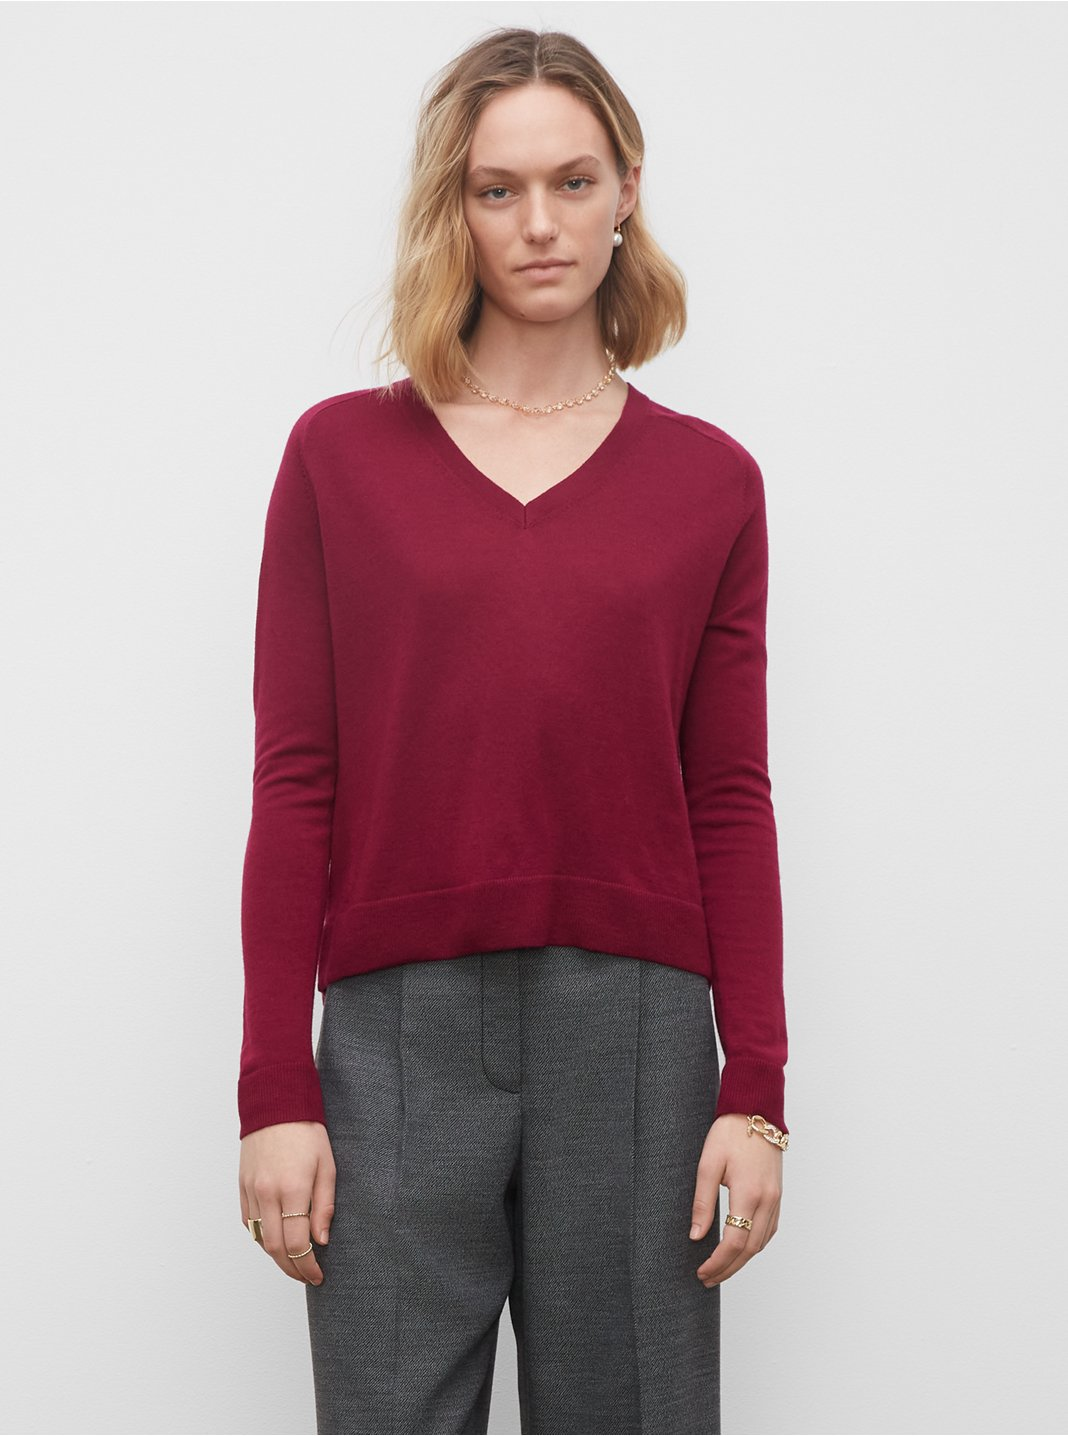 클럽 모나코 제이디 메리노 울 스웨터 - 와인 Club Monaco Zaydie Merino Wool Sweater, 561843